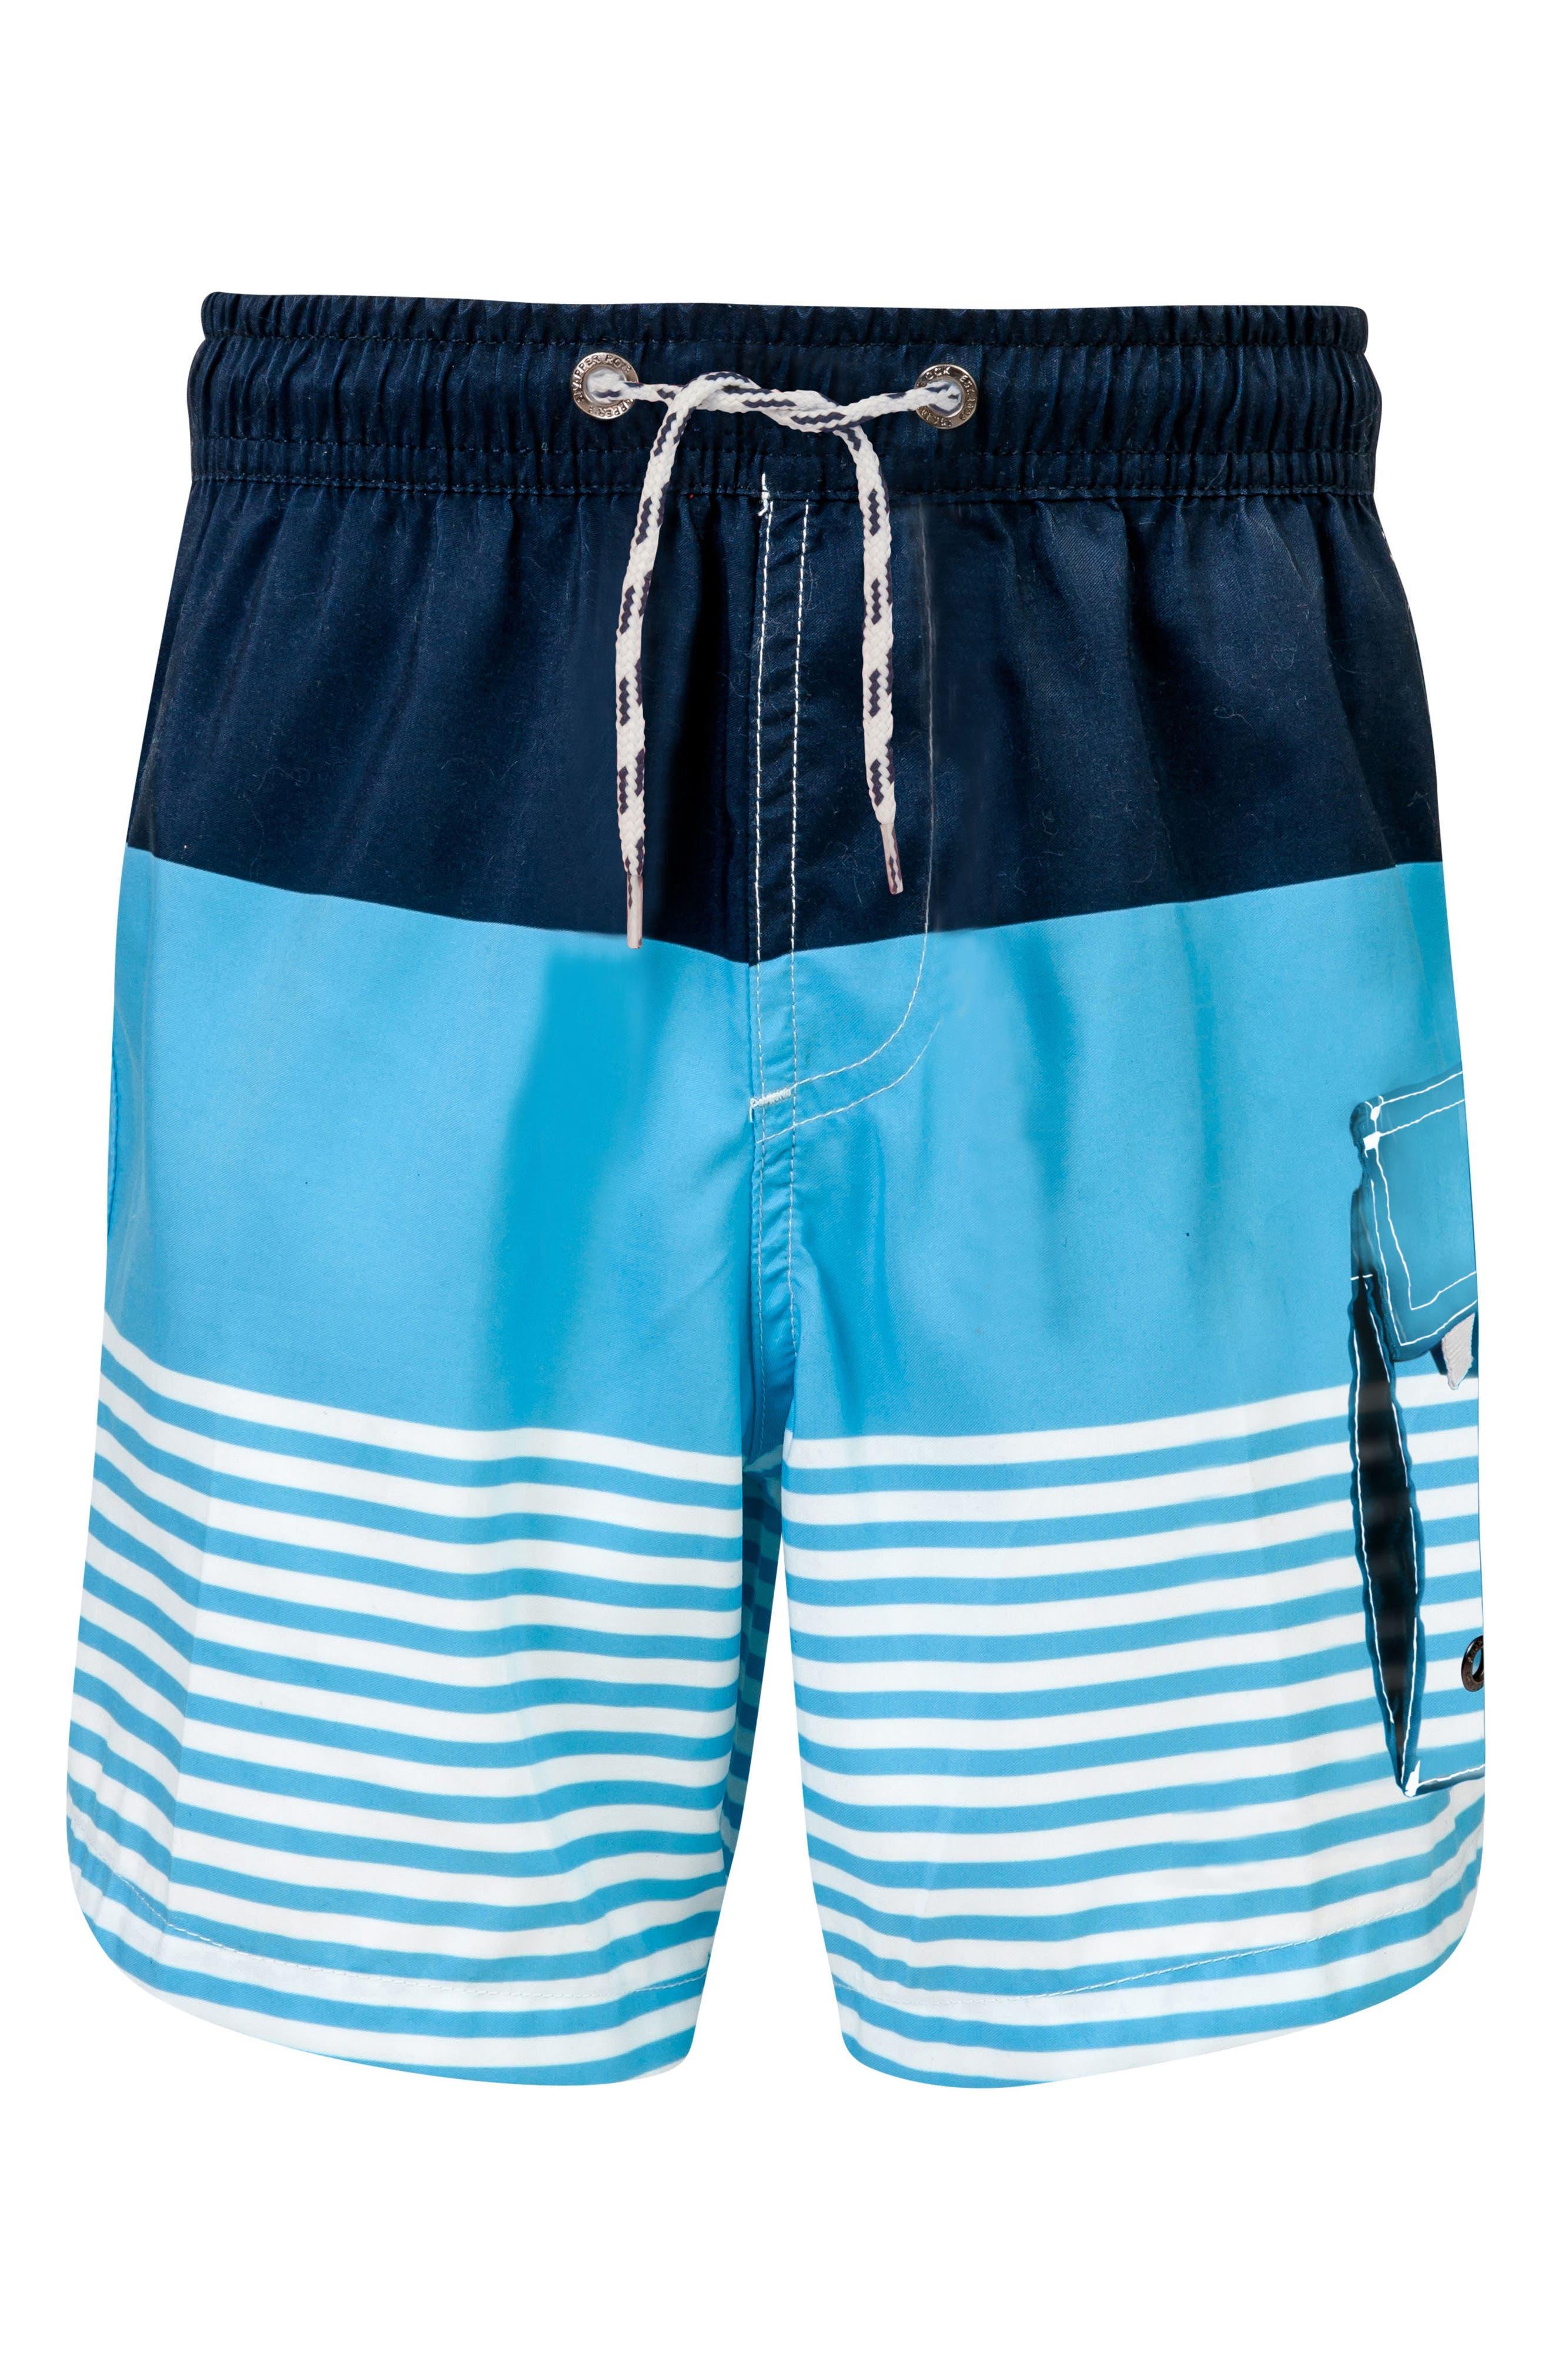 Stripe Board Shorts,                         Main,                         color, 410